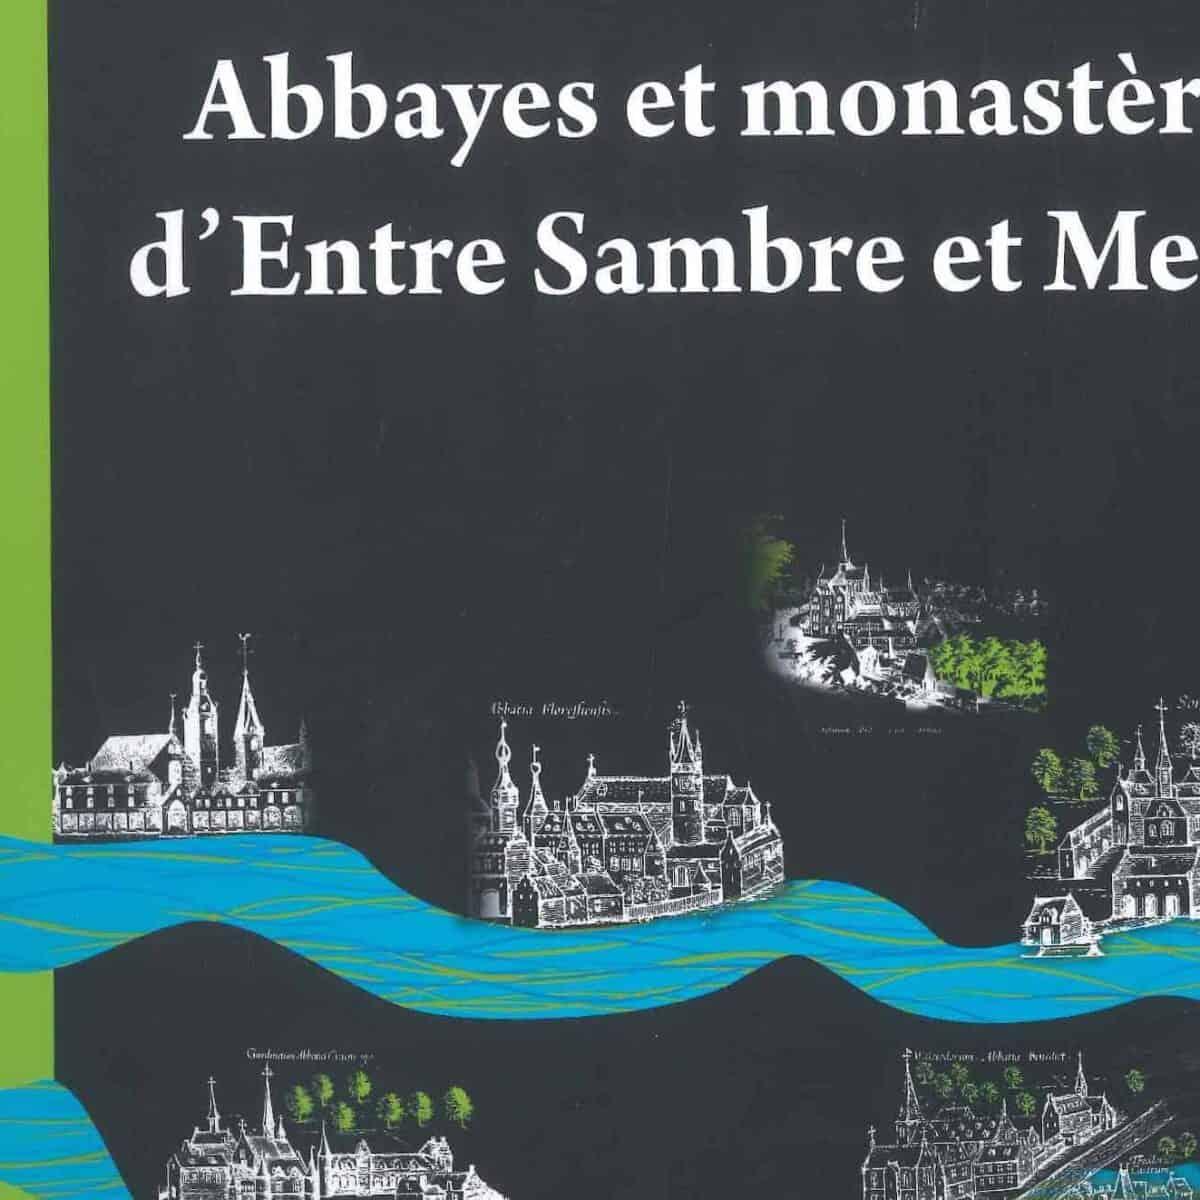 abbaye et monastere